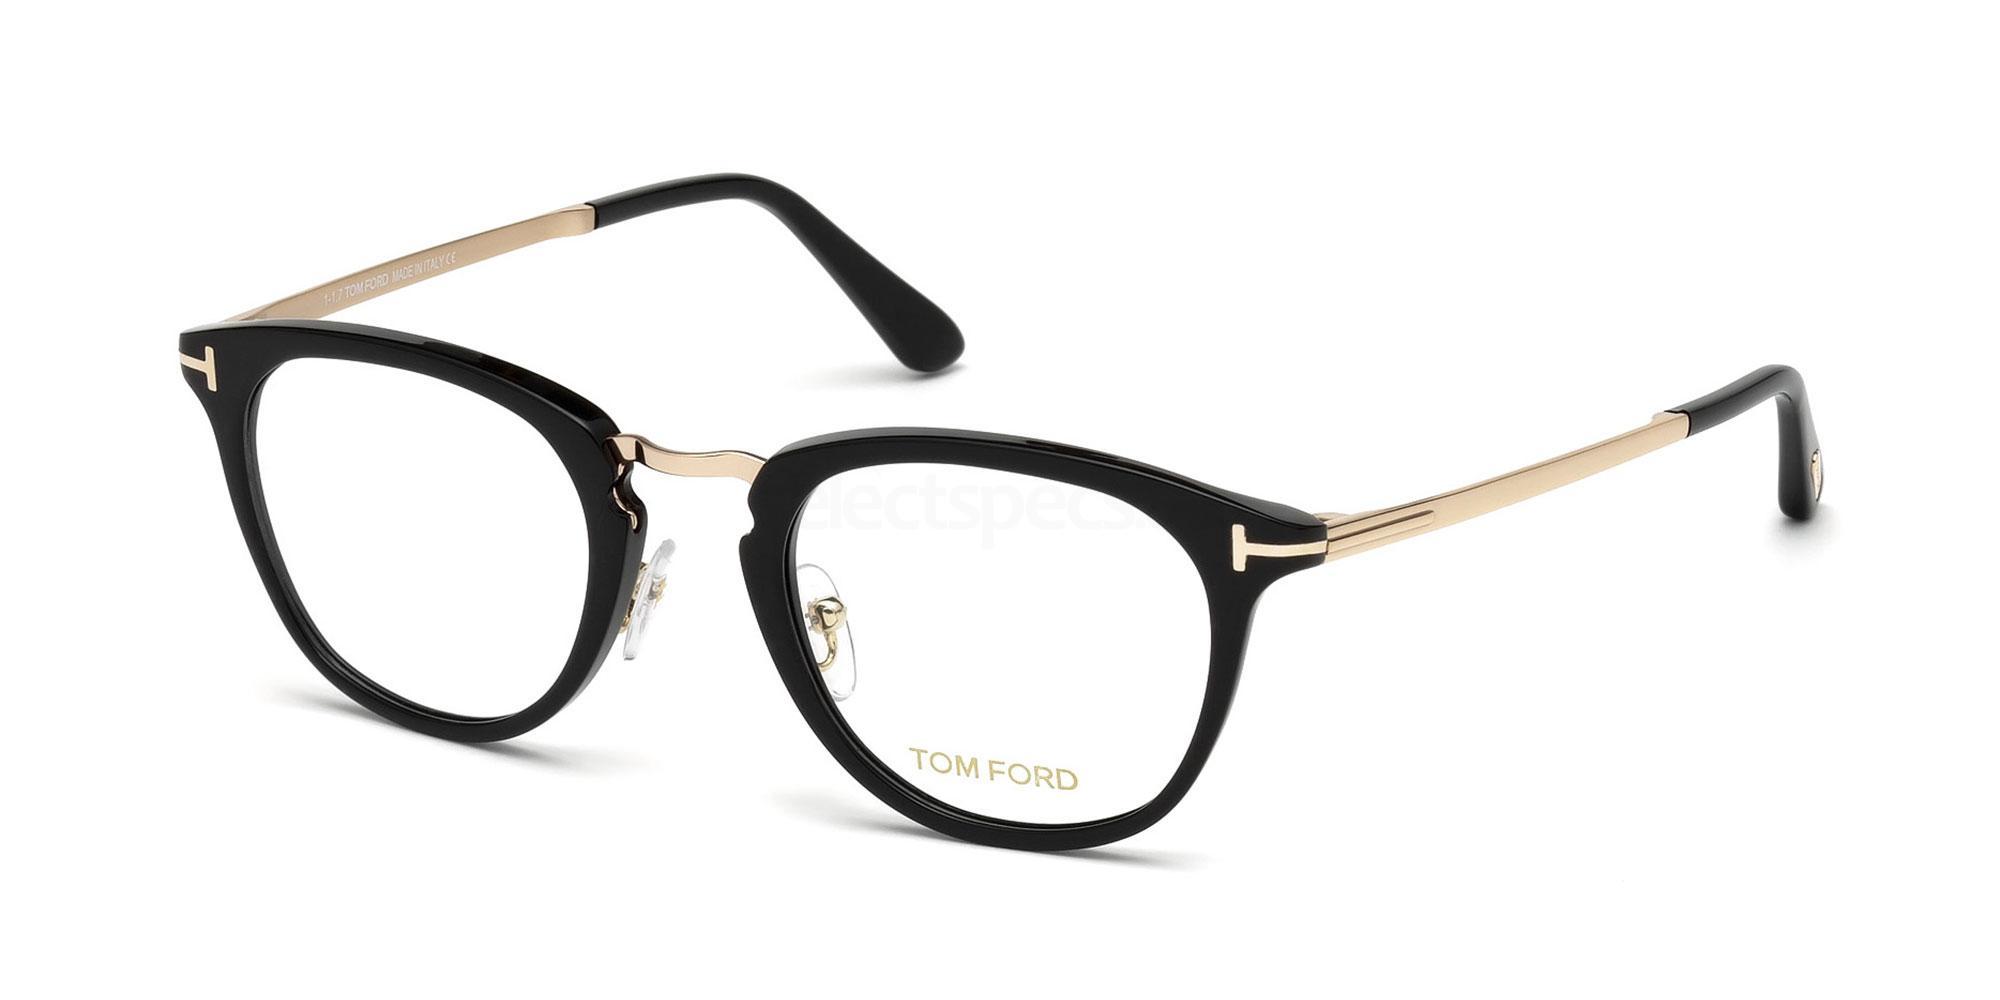 001 FT5466 Glasses, Tom Ford